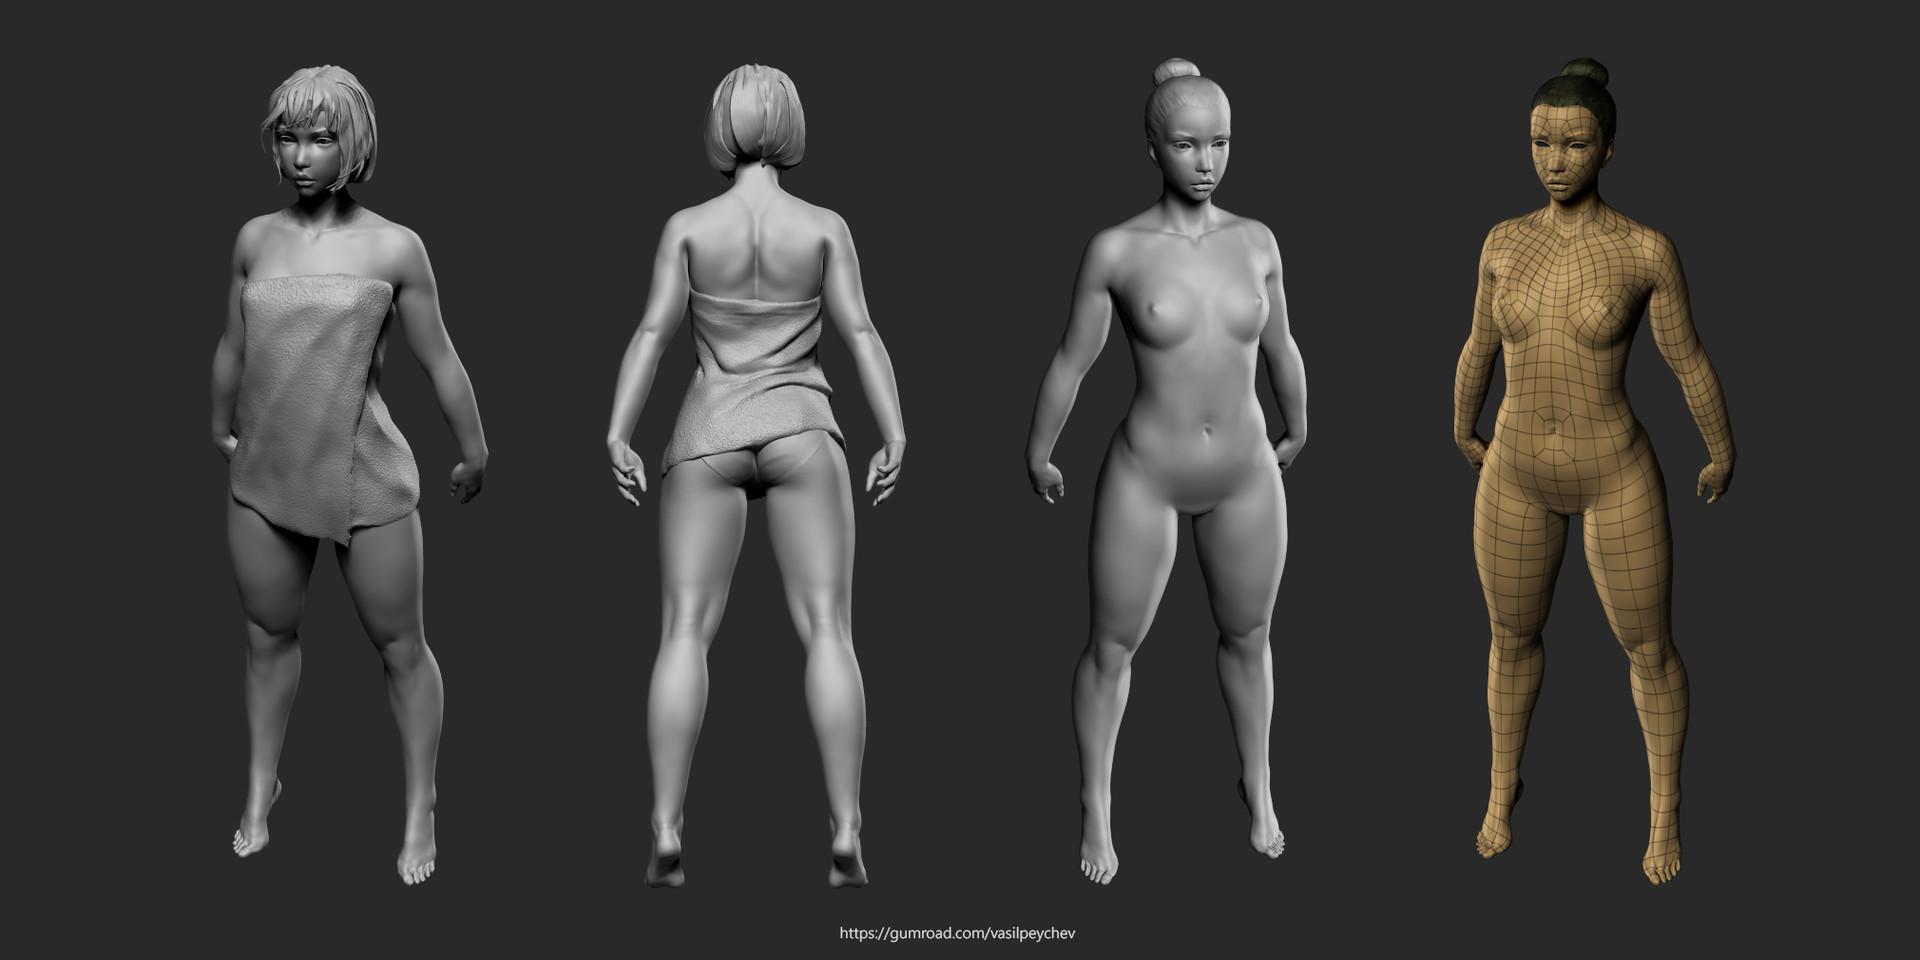 Охуйнная женская фигура